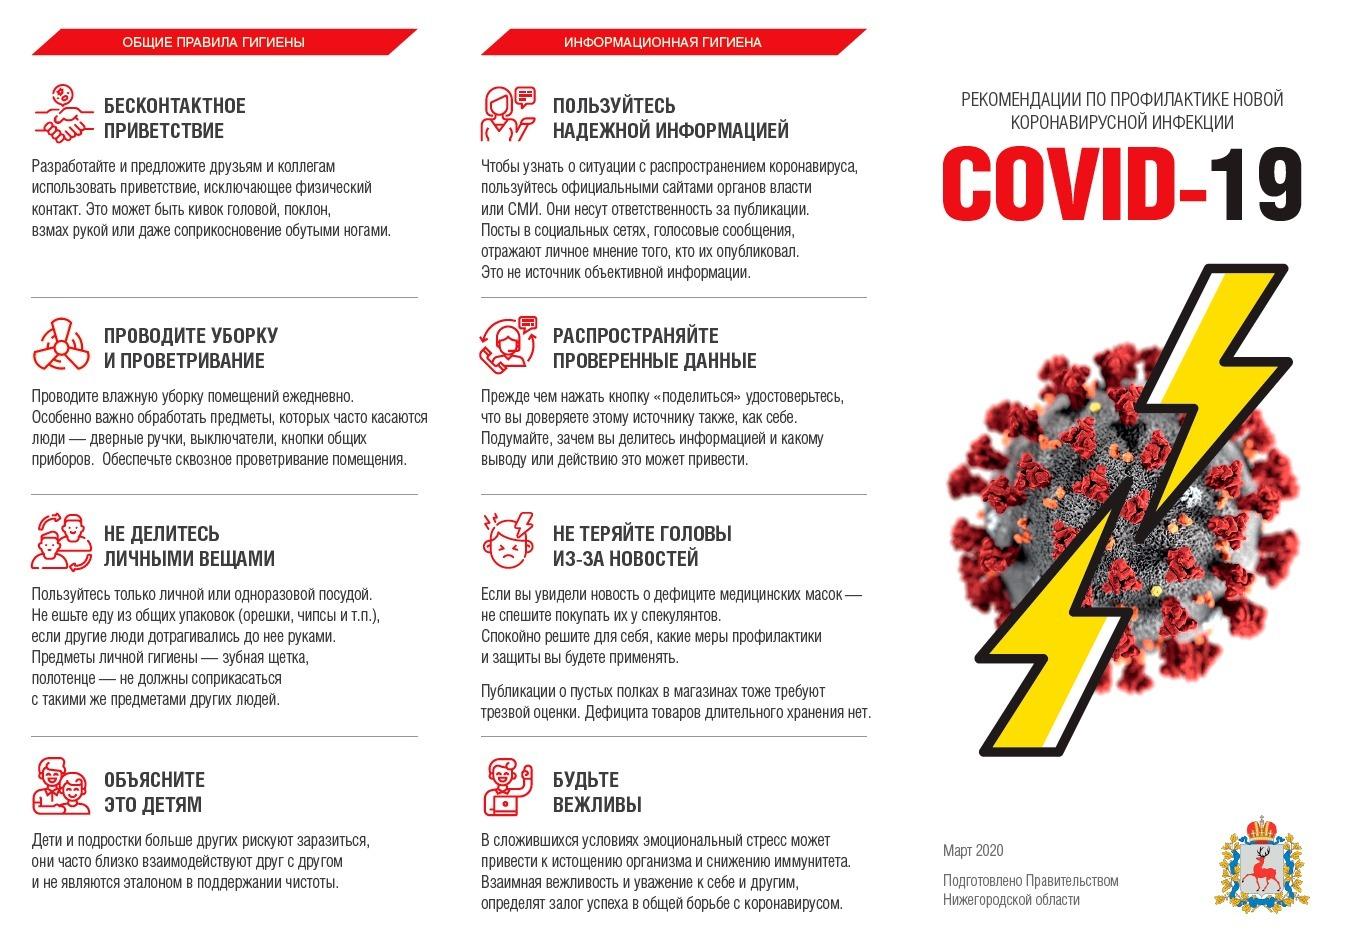 Симптомы коронавируса: как распознать первые признаки covid-19